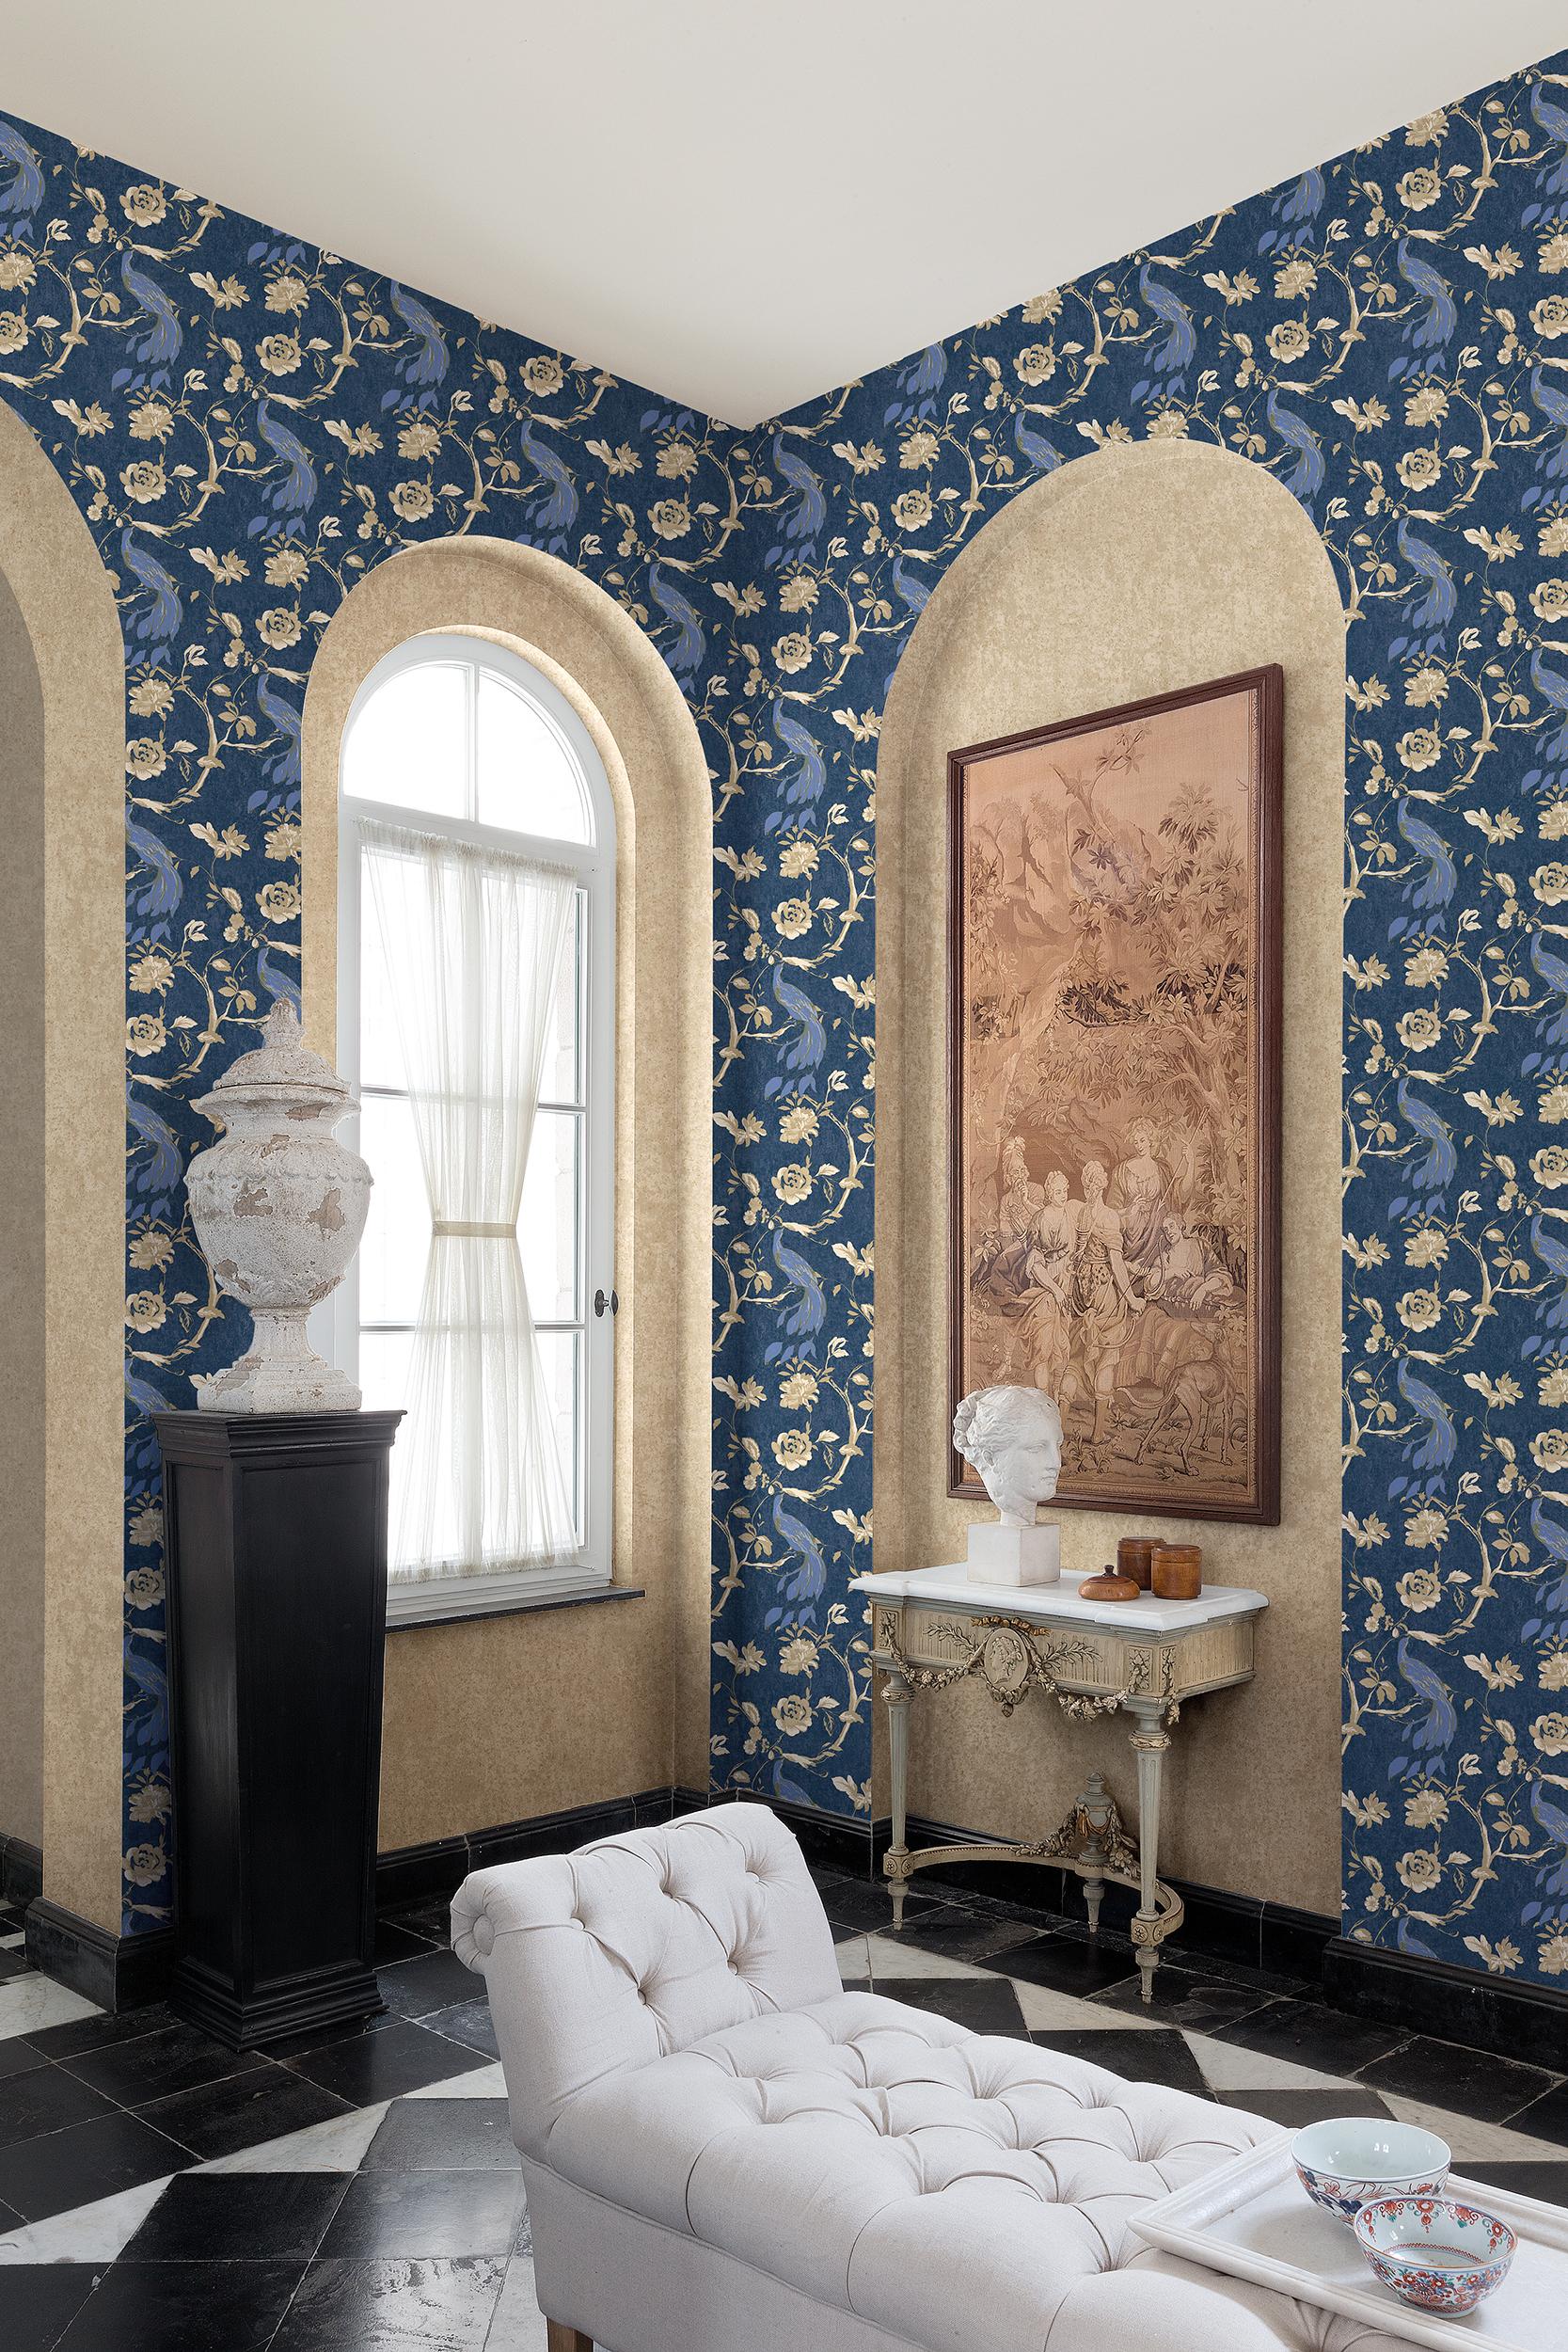 ihr tapeten wechsel f r zu hause raumausstatter rohowsky. Black Bedroom Furniture Sets. Home Design Ideas